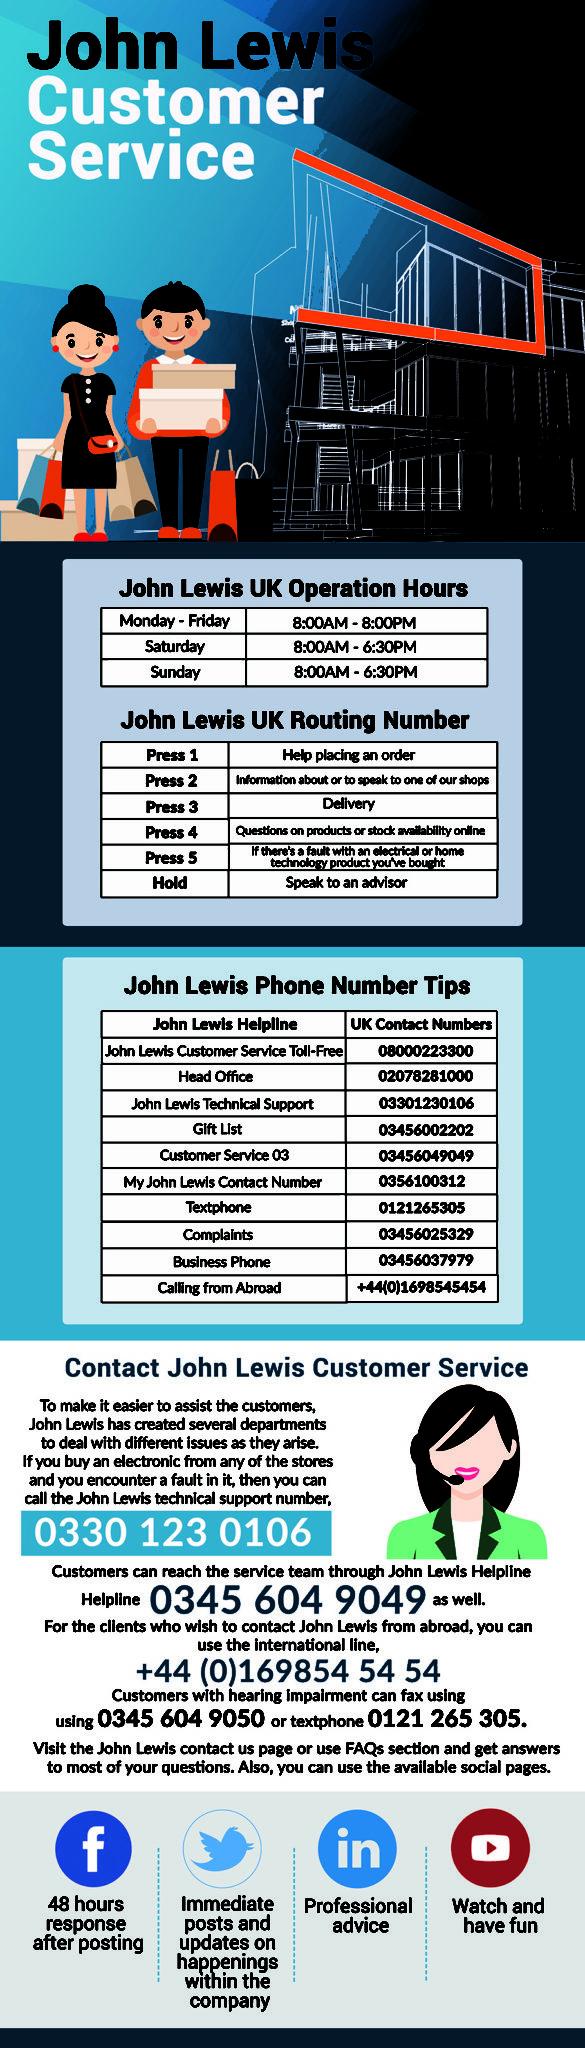 John Lewis Helpline